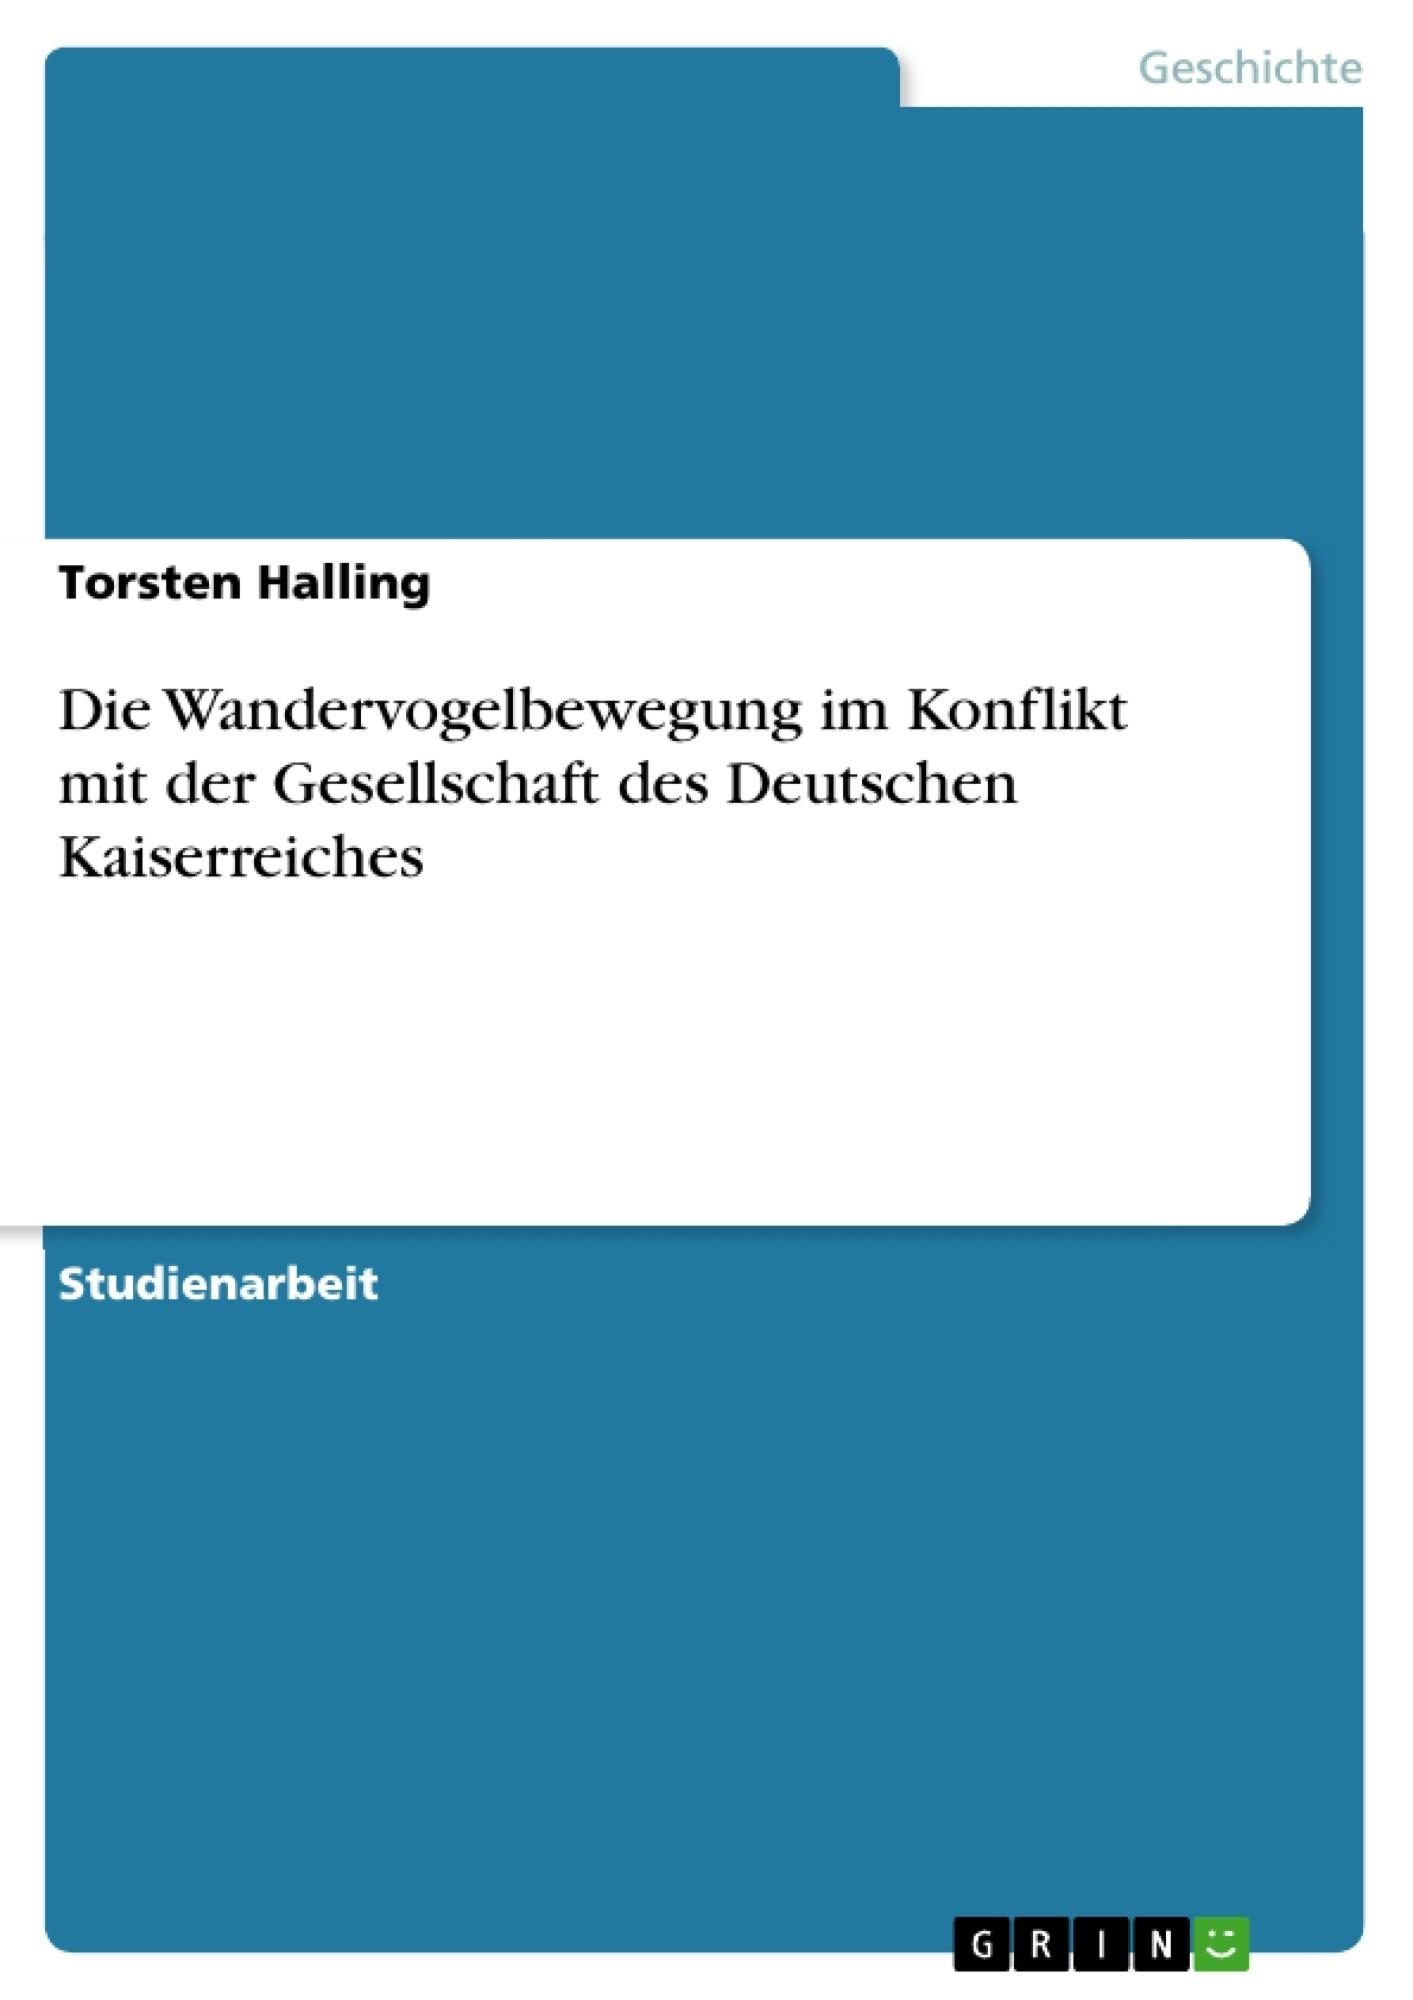 Titel: Die Wandervogelbewegung im Konflikt mit der Gesellschaft des Deutschen Kaiserreiches